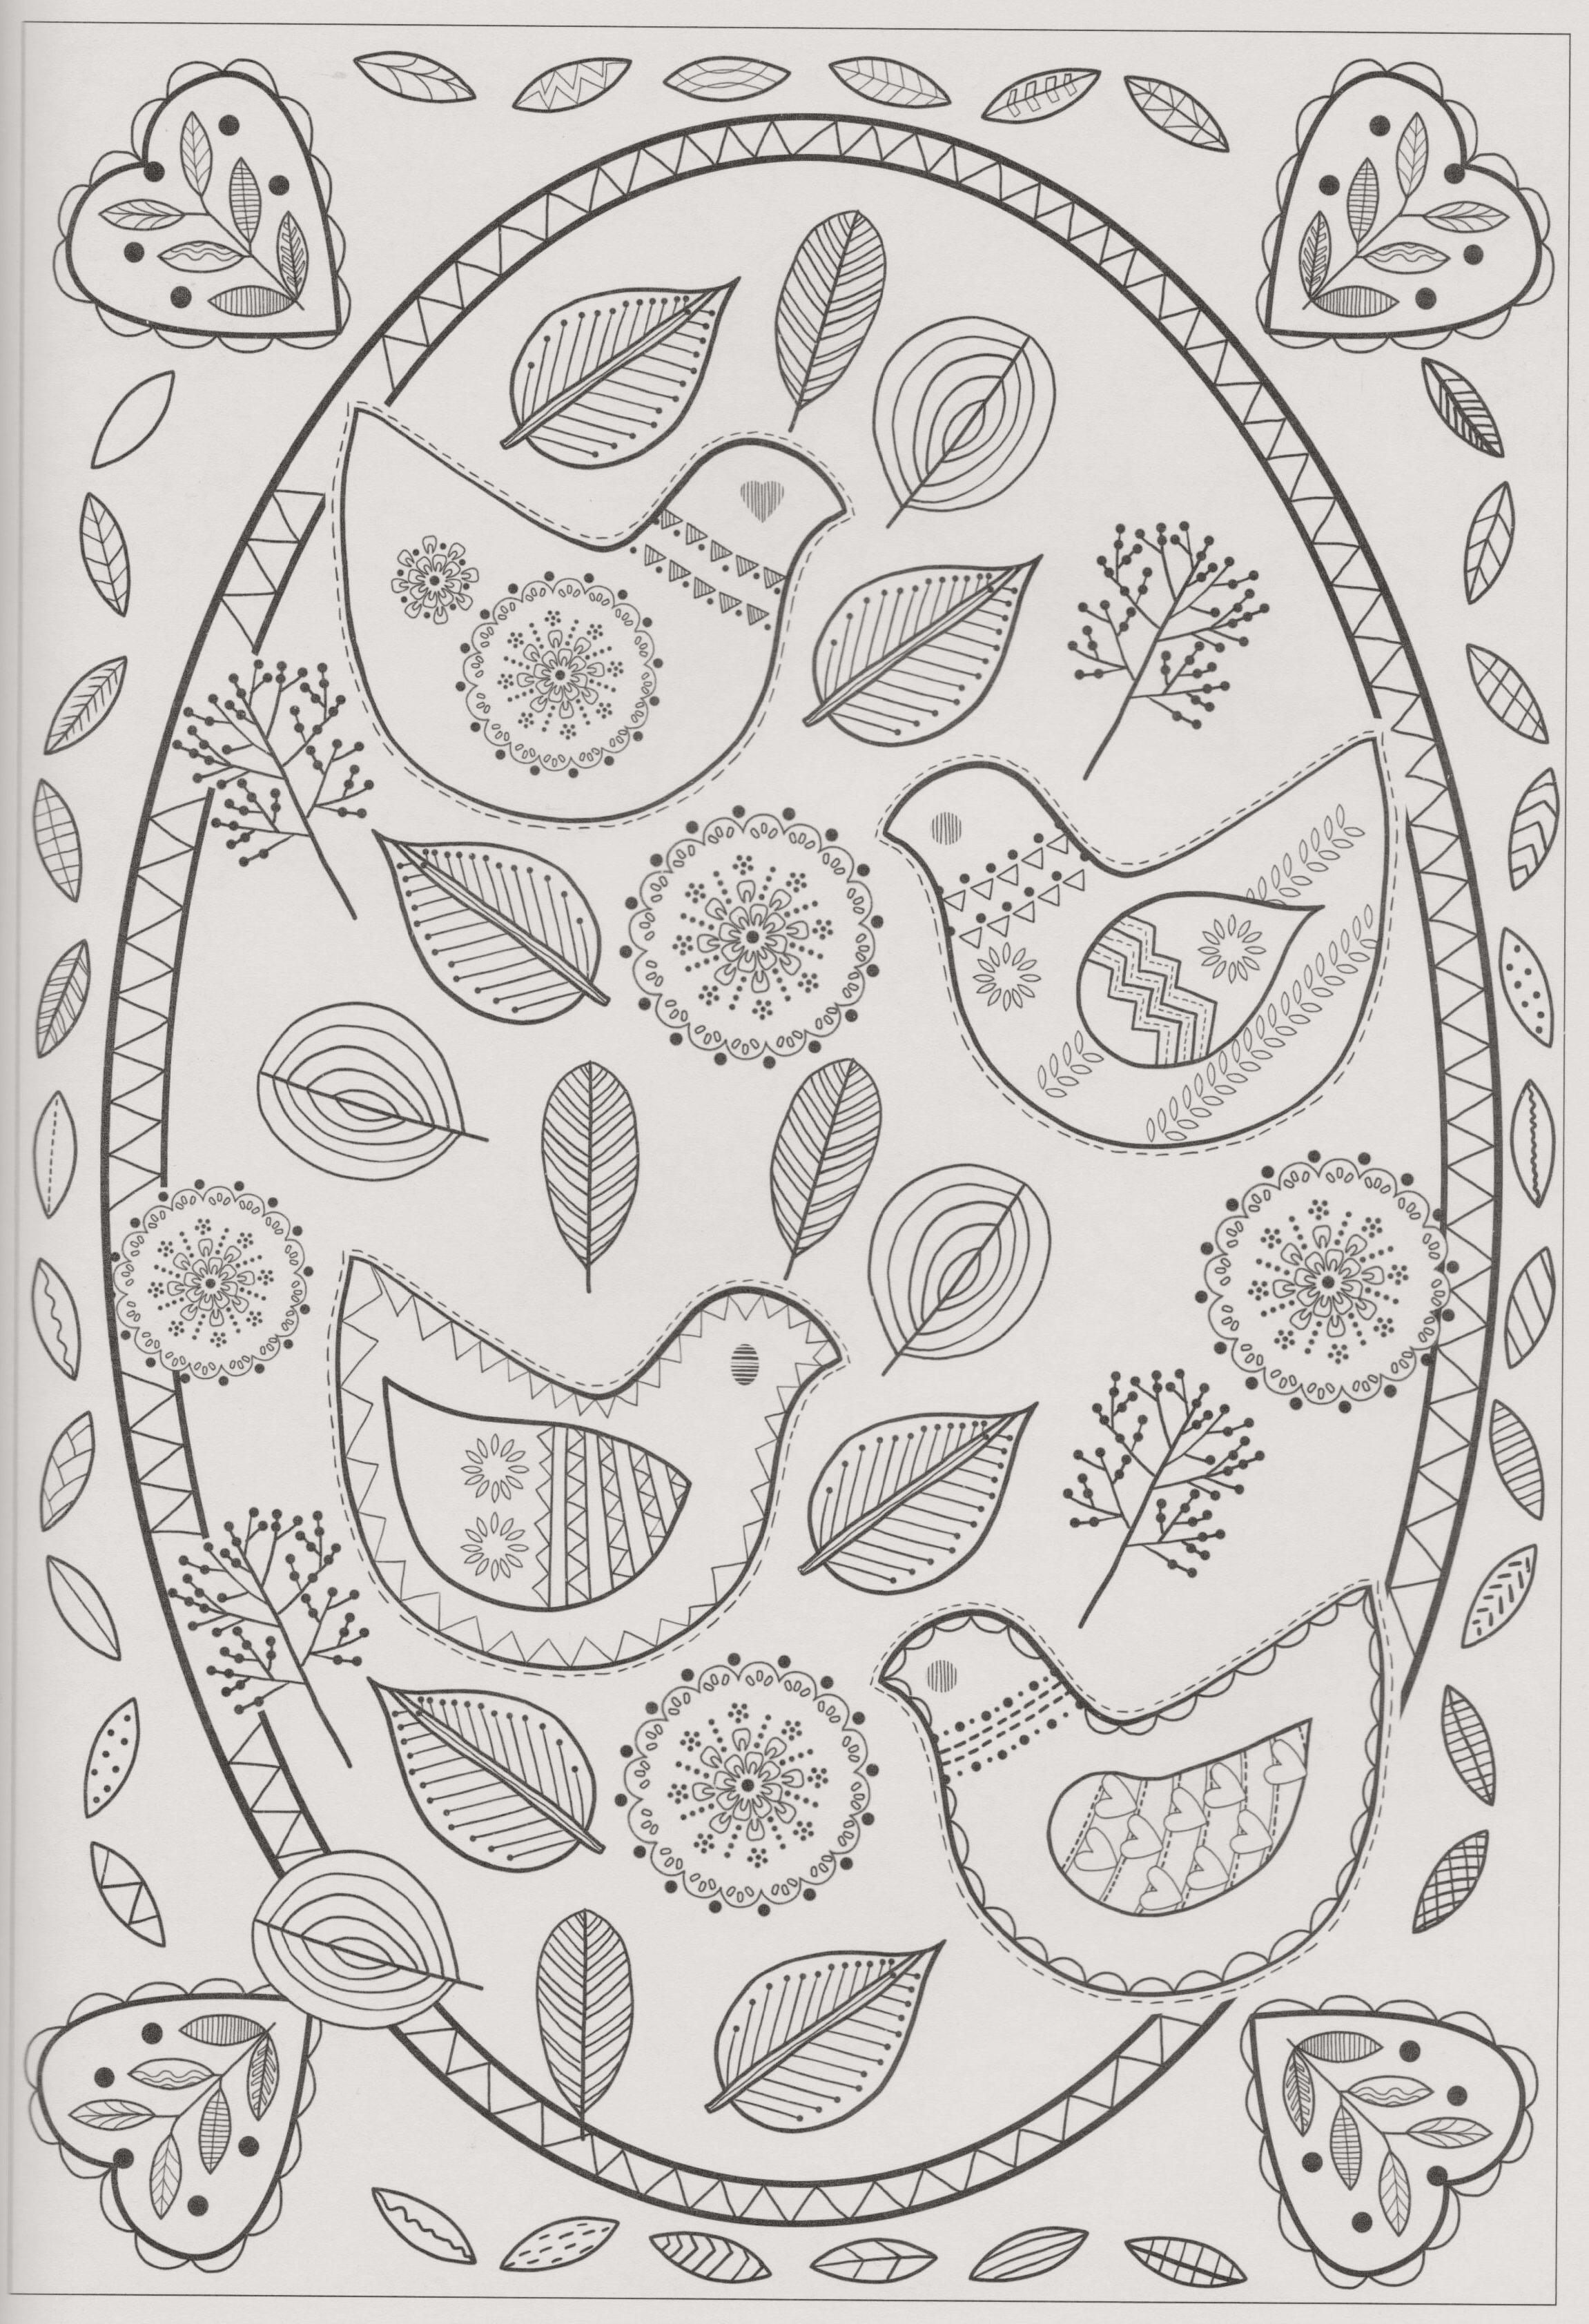 Ausmalbilder Frohe Weihnachten Frisch 30 tolle Frohe Ostern Ausmalbilder Neuste Bilder